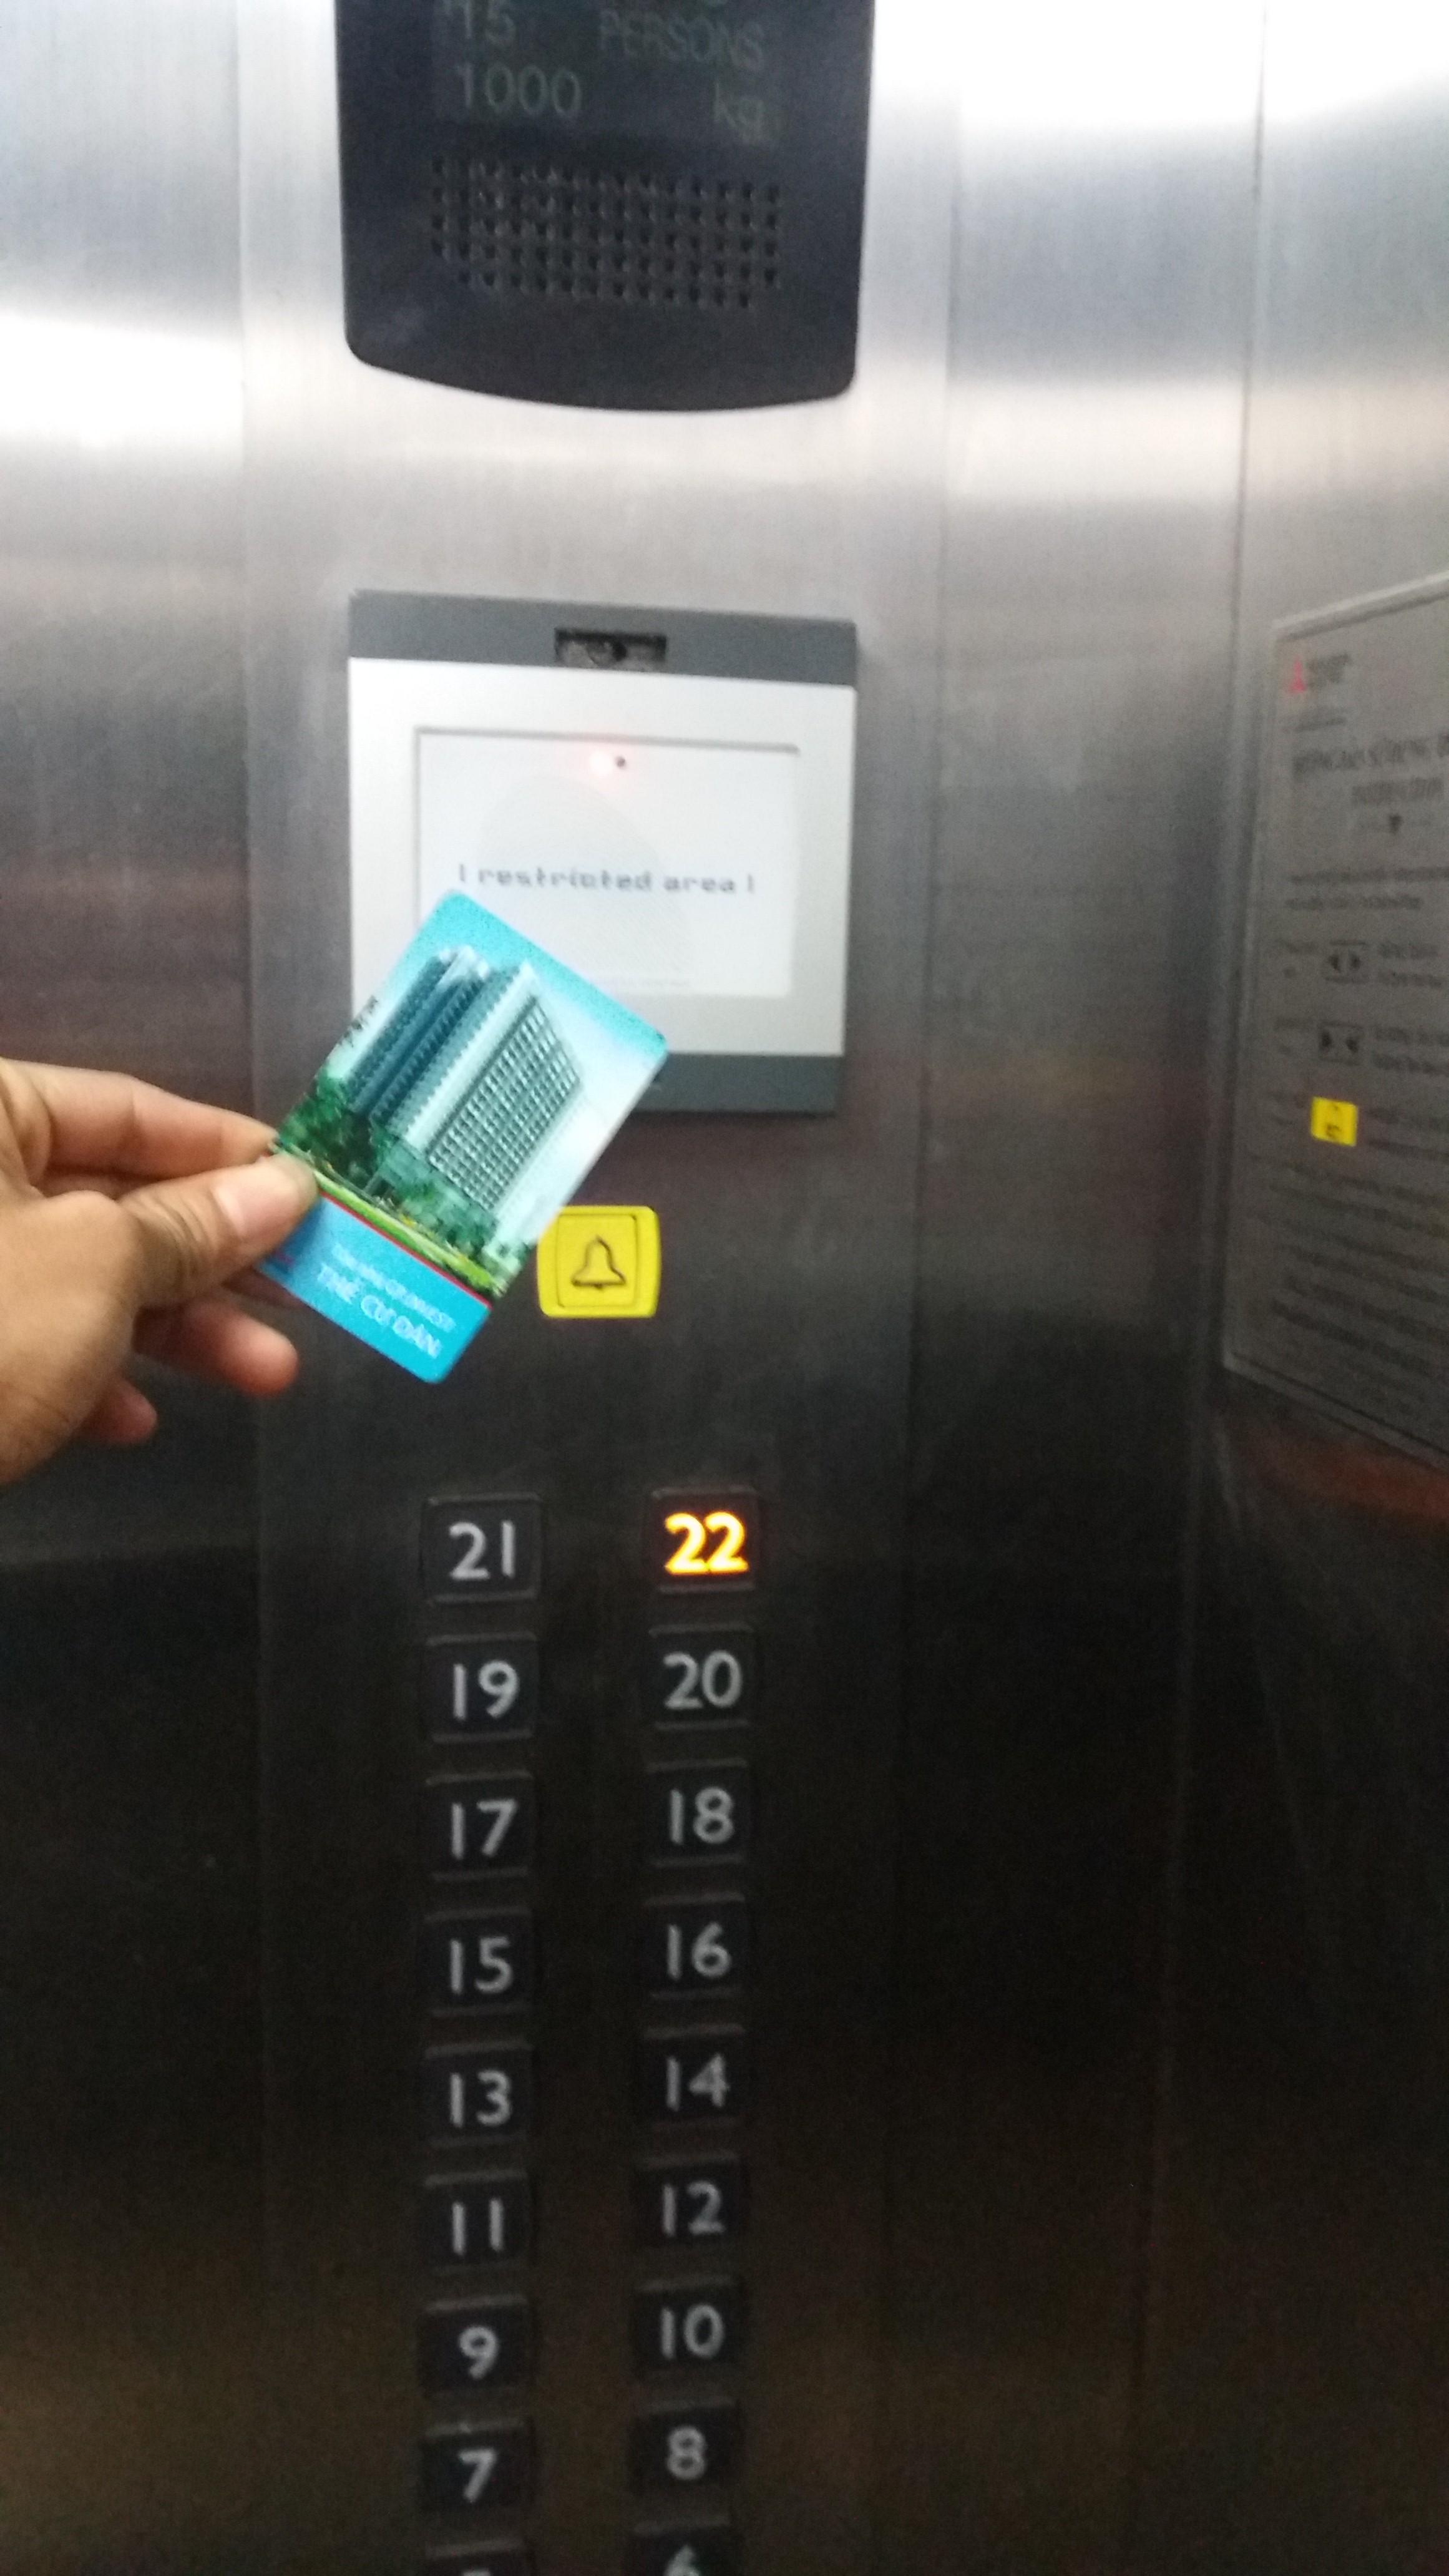 kiểm soát thẻ từ cho thang máy